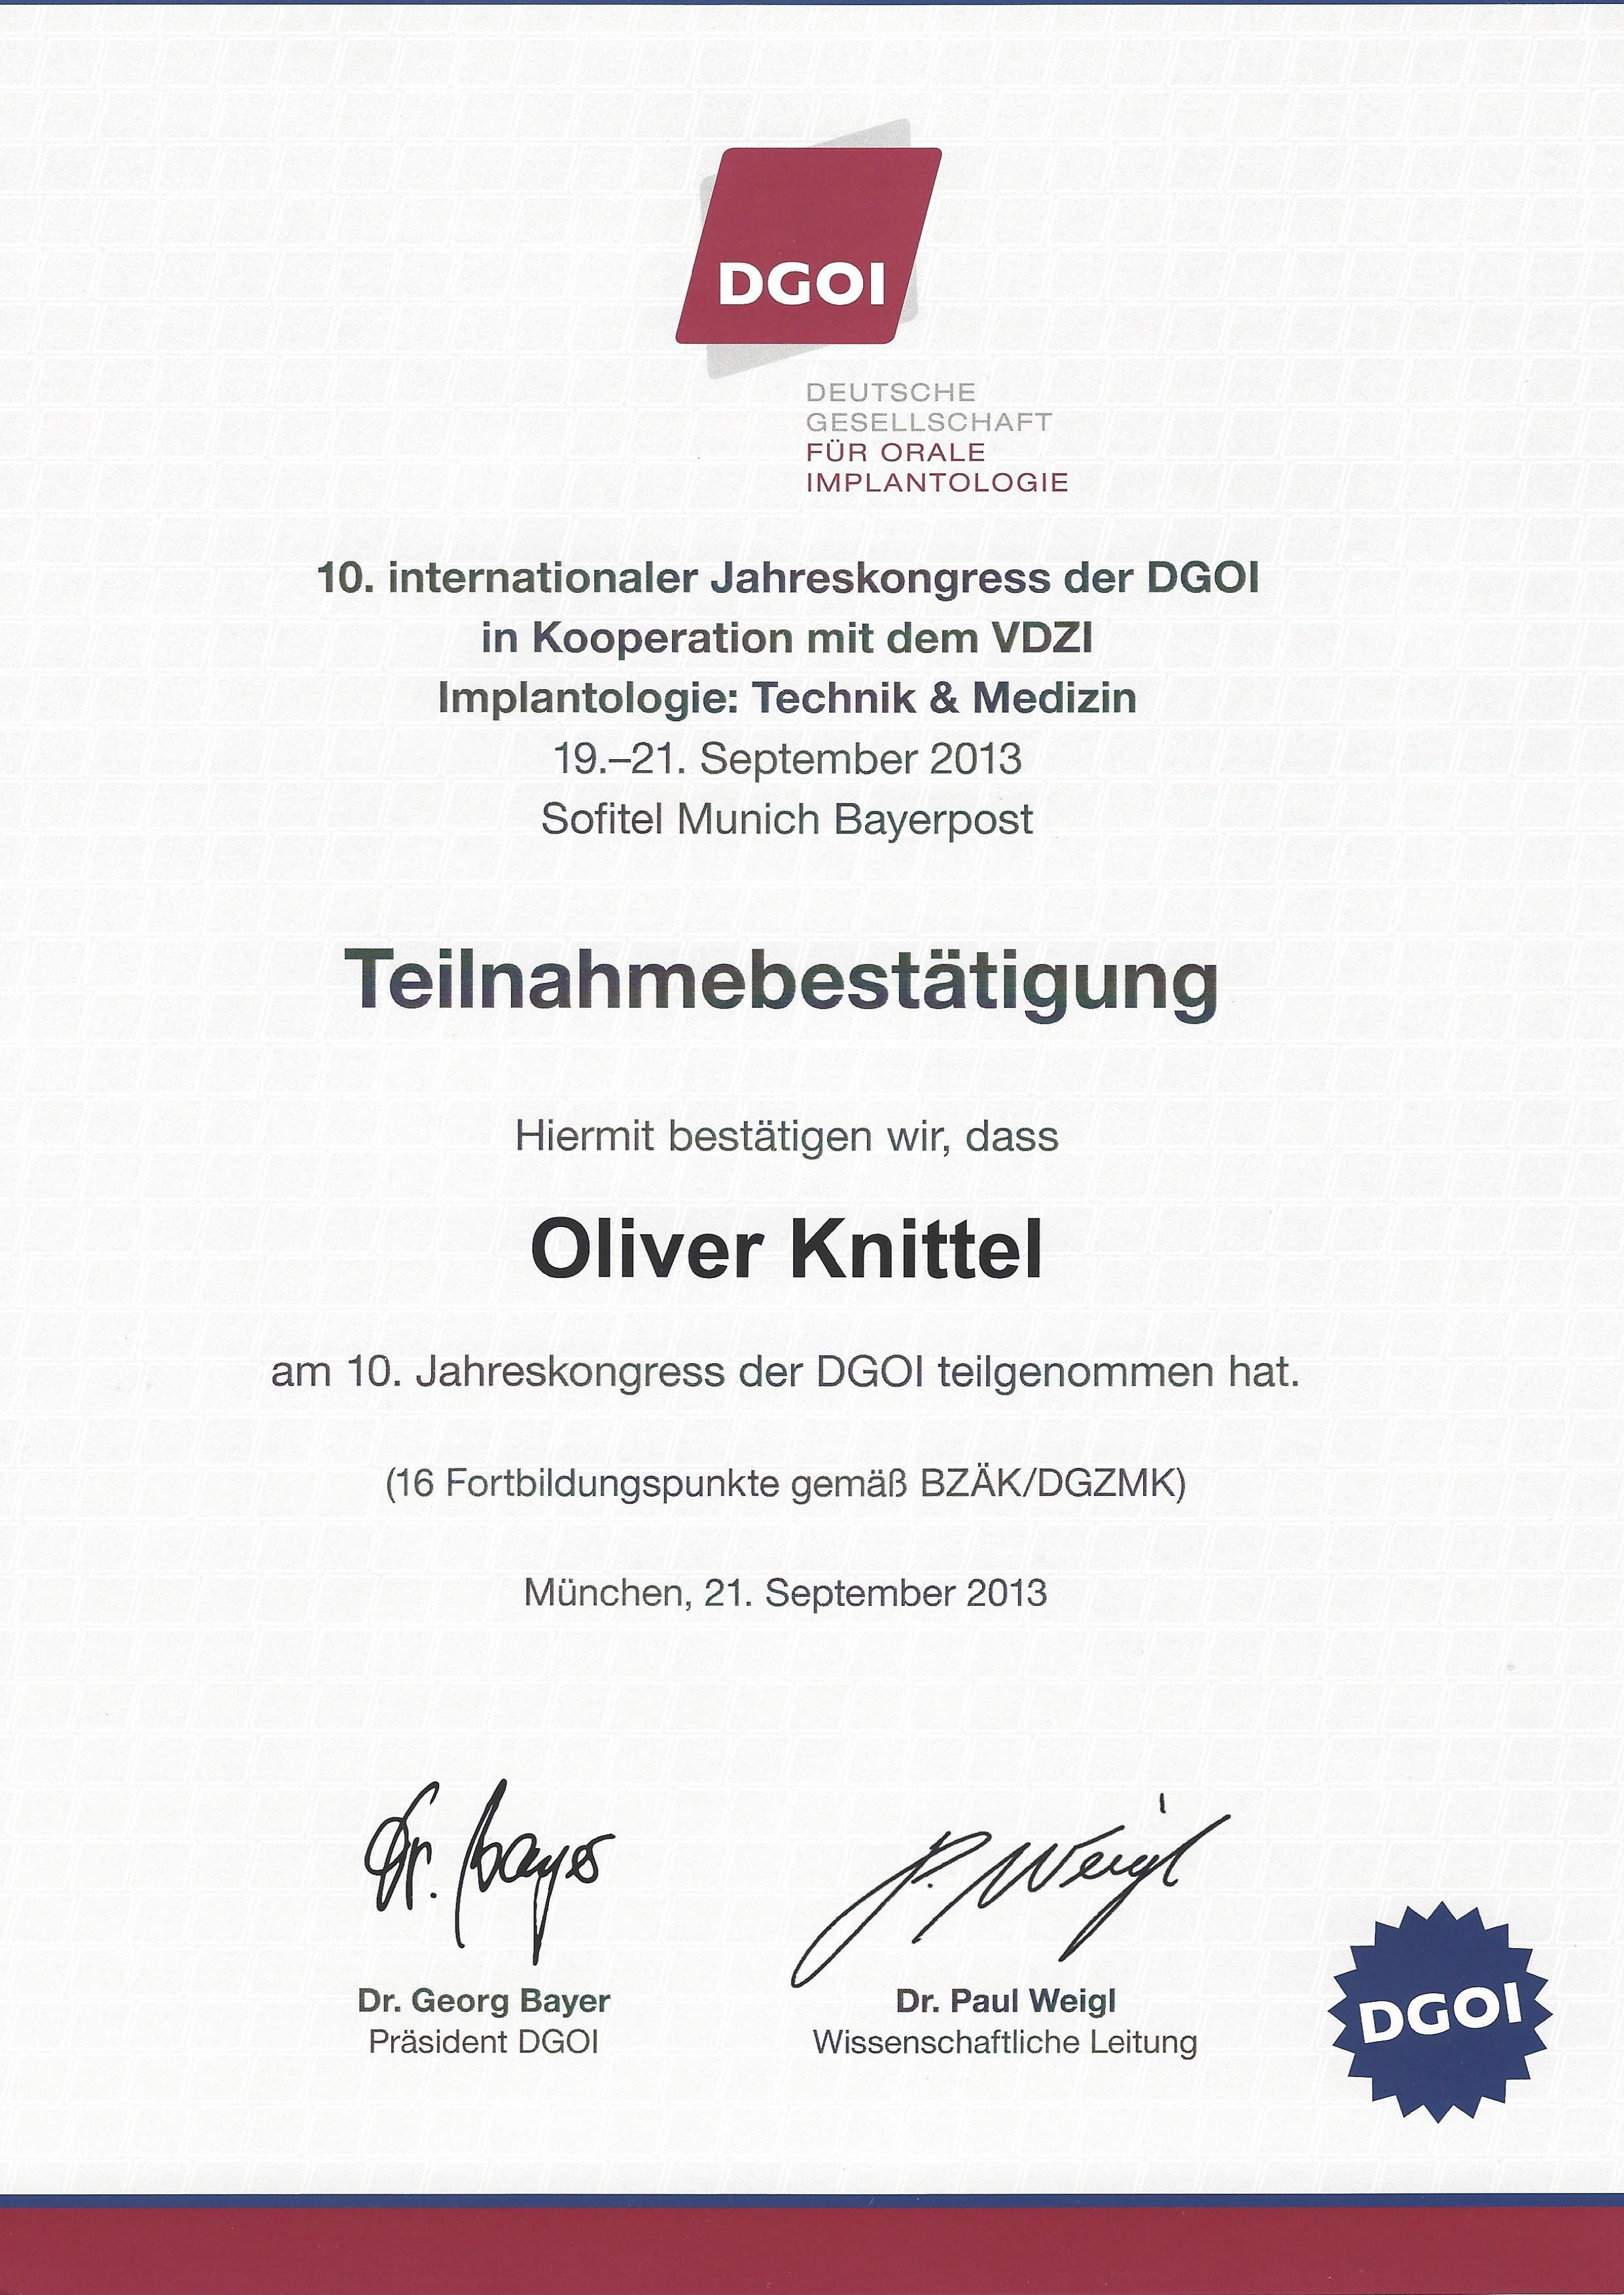 DGOI Jahreskongress Sept. 2013